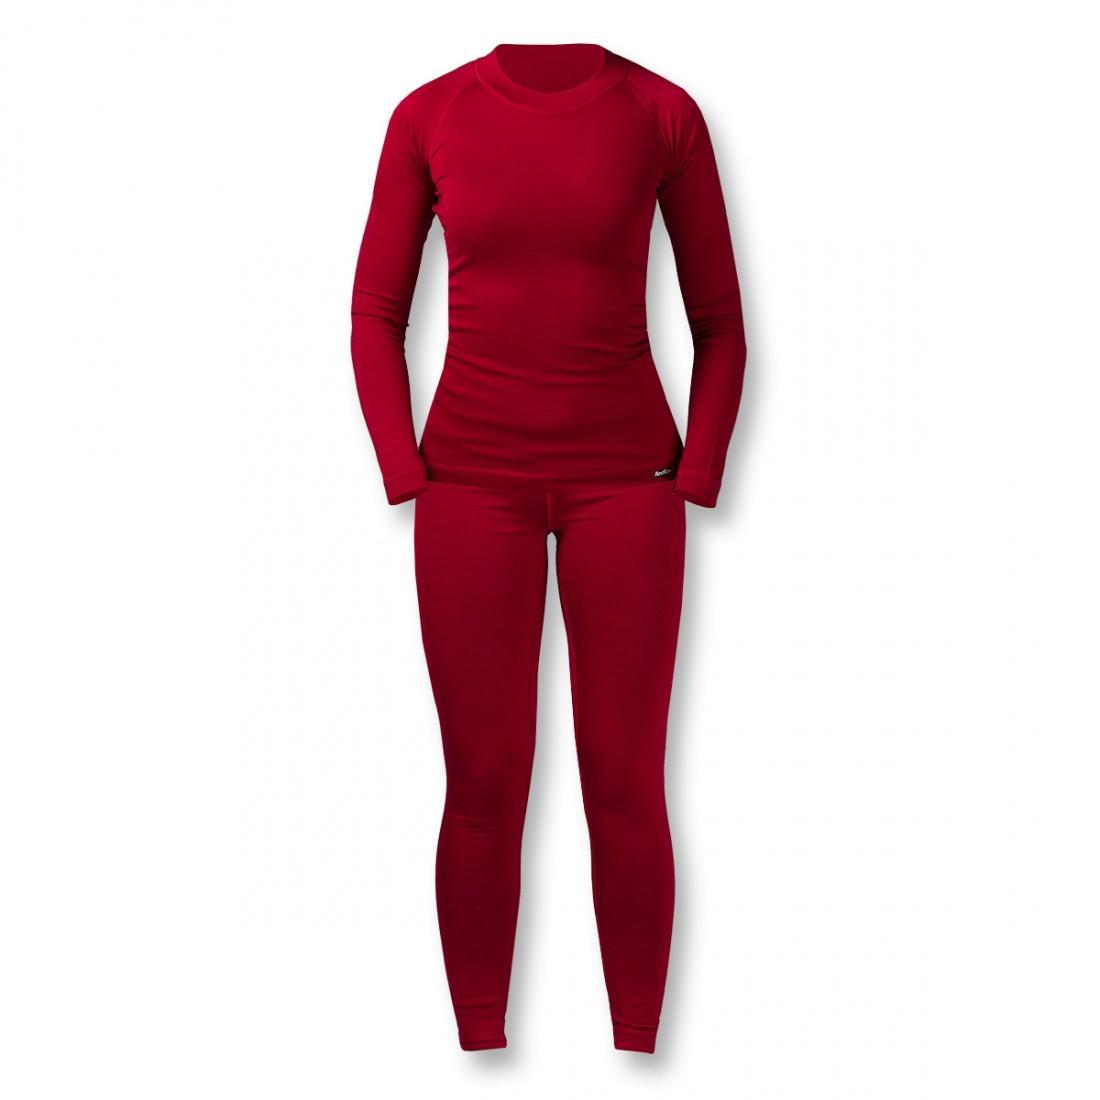 Термобелье костюм Wool Dry Light ЖенскийКомплекты<br><br> Тончайшее термобелье для женщин из мериносовой шерсти: оно достаточно теплое и пуловер можно носить как самостоятельный элемент одежды.В качестве базового слоя костюм прекрасно подходит для занятий спортом в холодную погоду зимой.<br><br><br> Ос...<br><br>Цвет: Темно-красный<br>Размер: 44